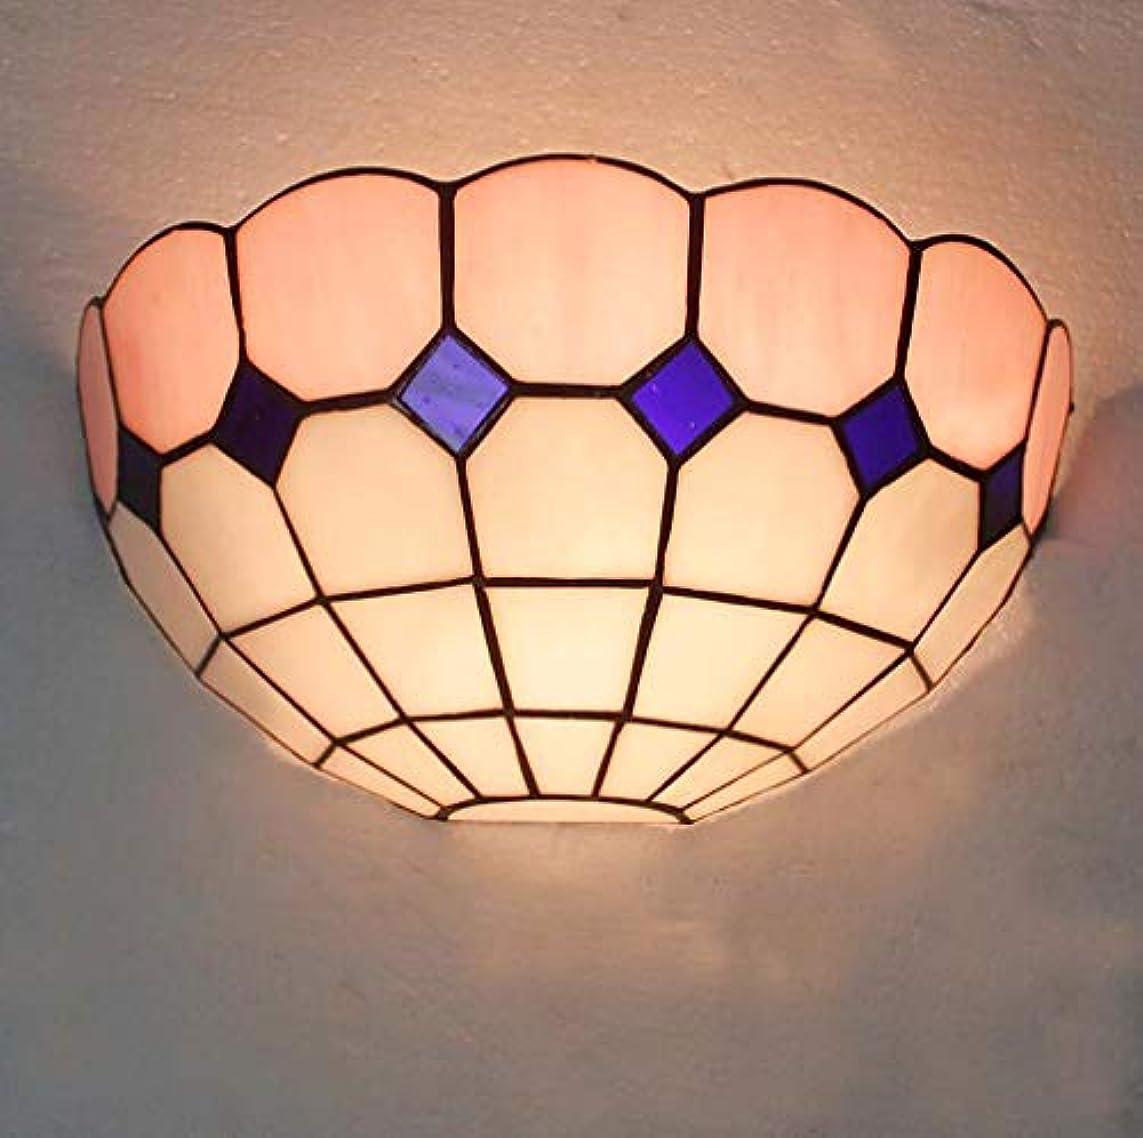 いま謎めいた野ウサギティファニースタイルウォールランプステンドグラス12.5インチシェード、アンティークの壁取り付け用燭台照明の寝室リビングルーム,D